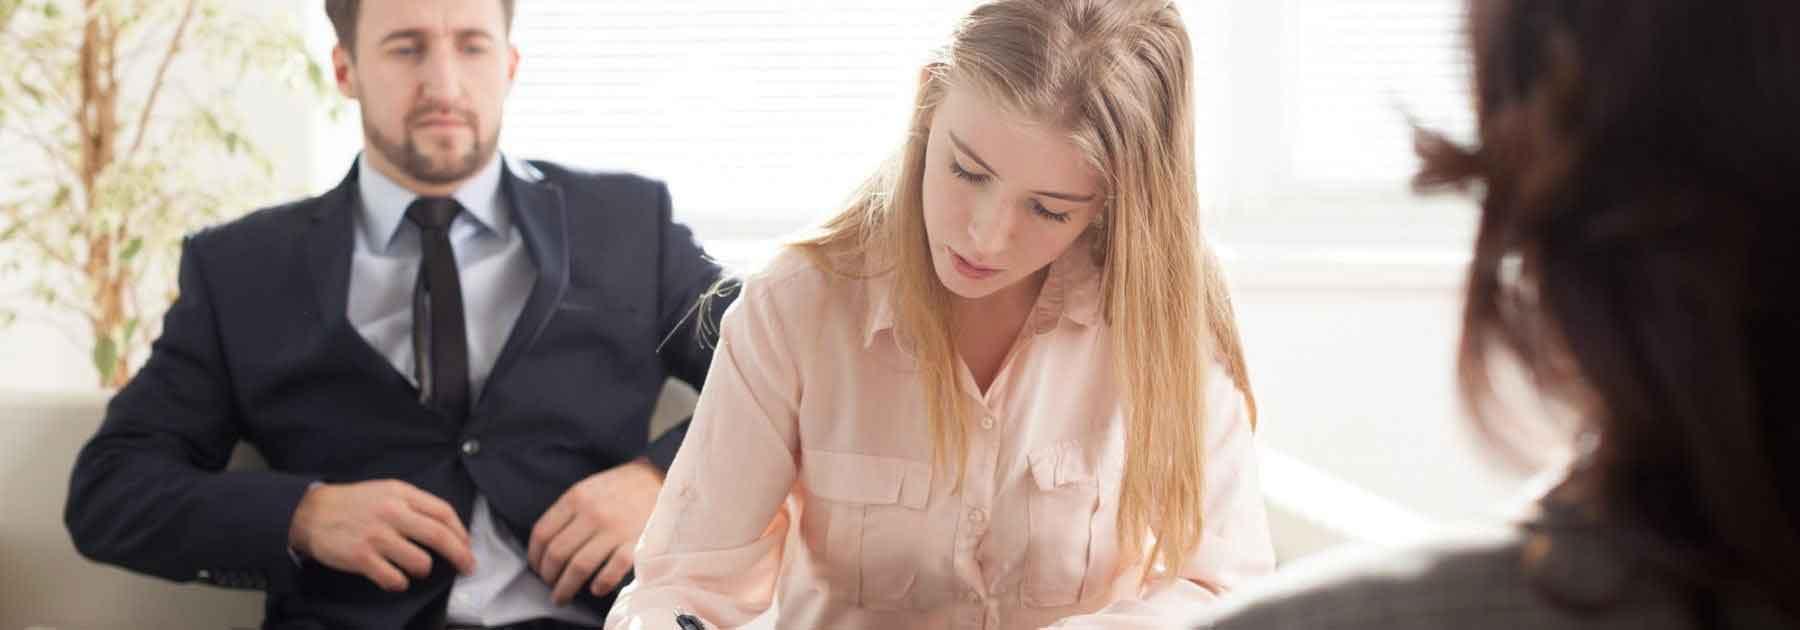 Agent for Medavie Blue Cross Moncton - Health Insurance